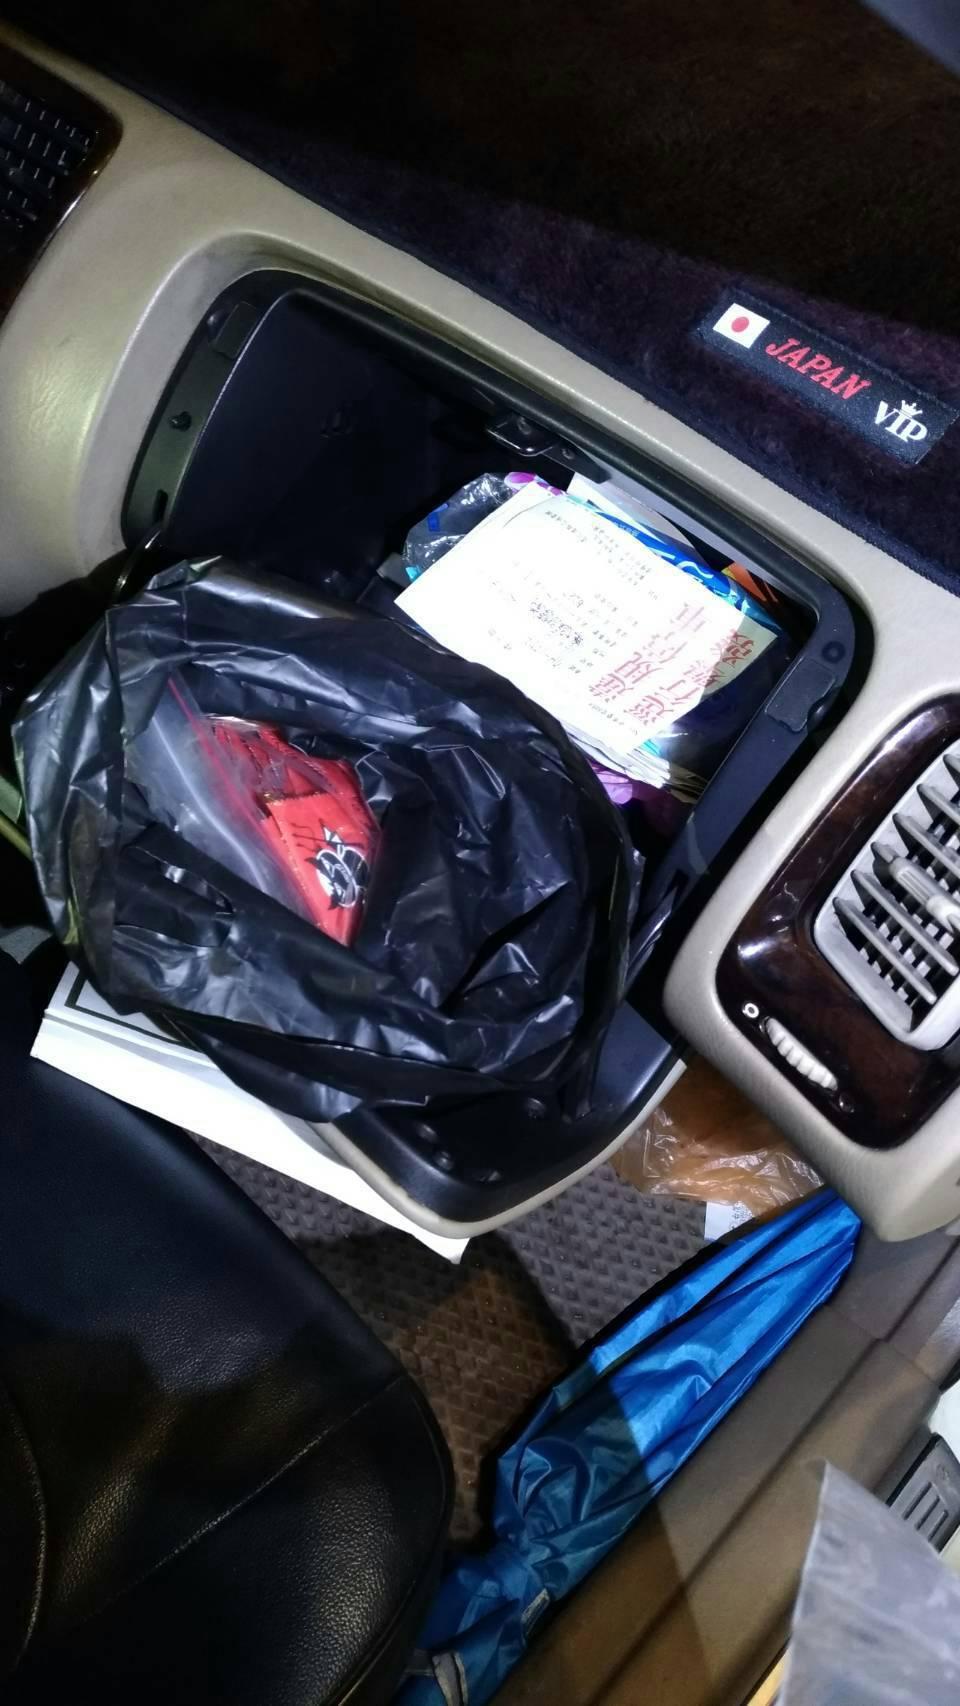 台中市西屯區顏姓男子上月28日因違規停車,被警方查獲大量毒品。記者陳宏睿/翻攝